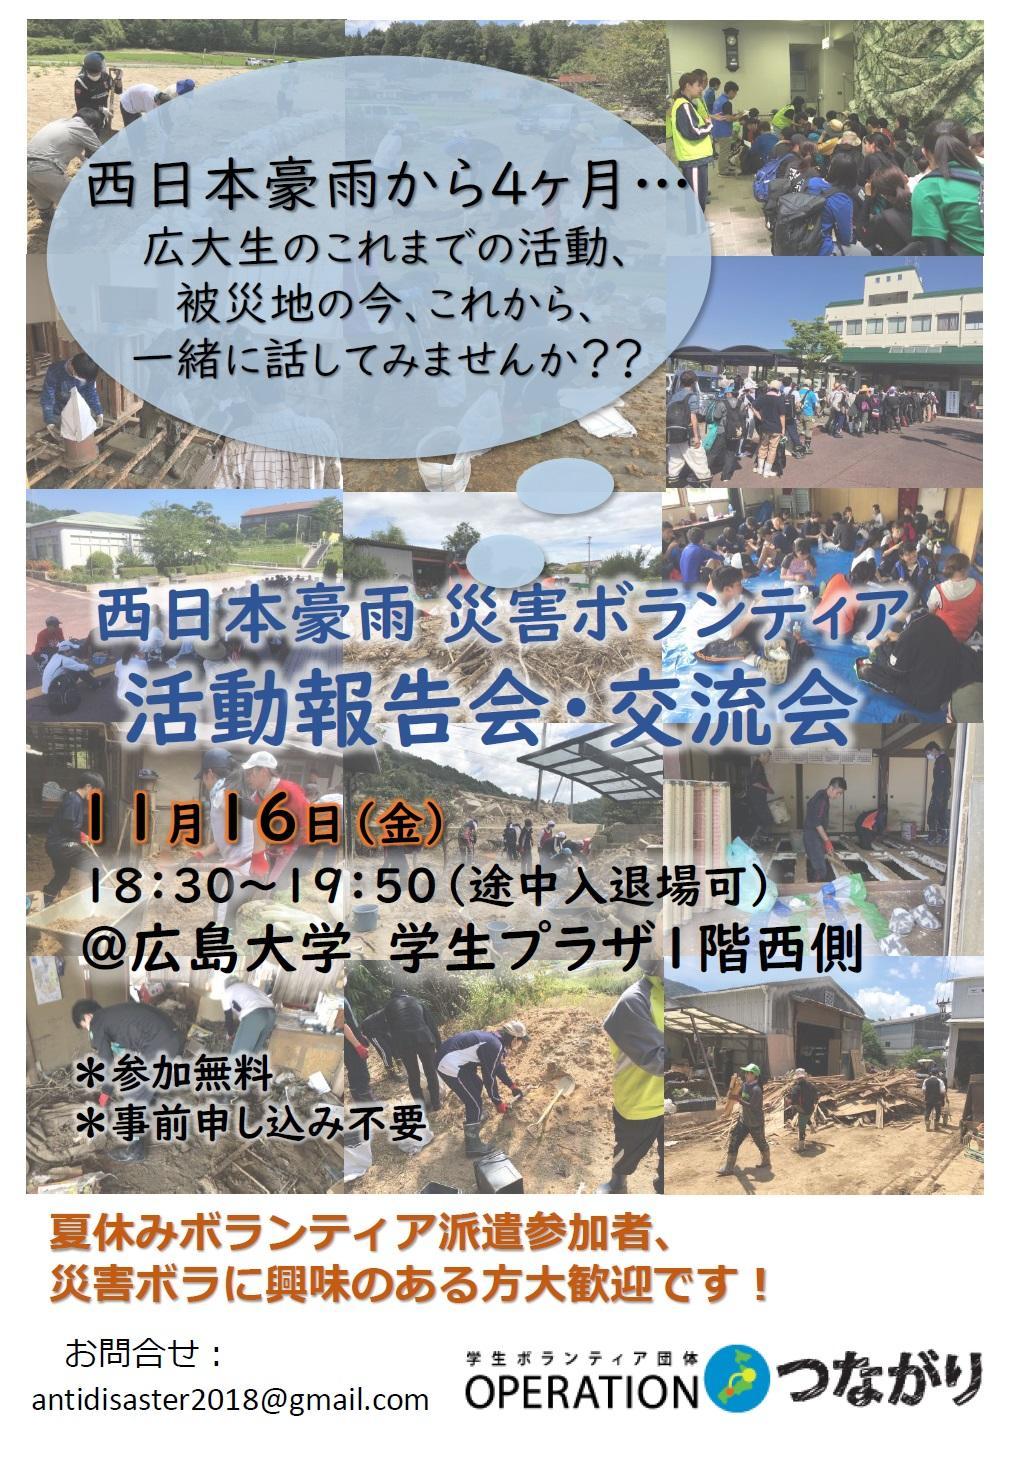 西日本豪雨災害ボランティア活動報告会・交流会【OPERATIONつながり】